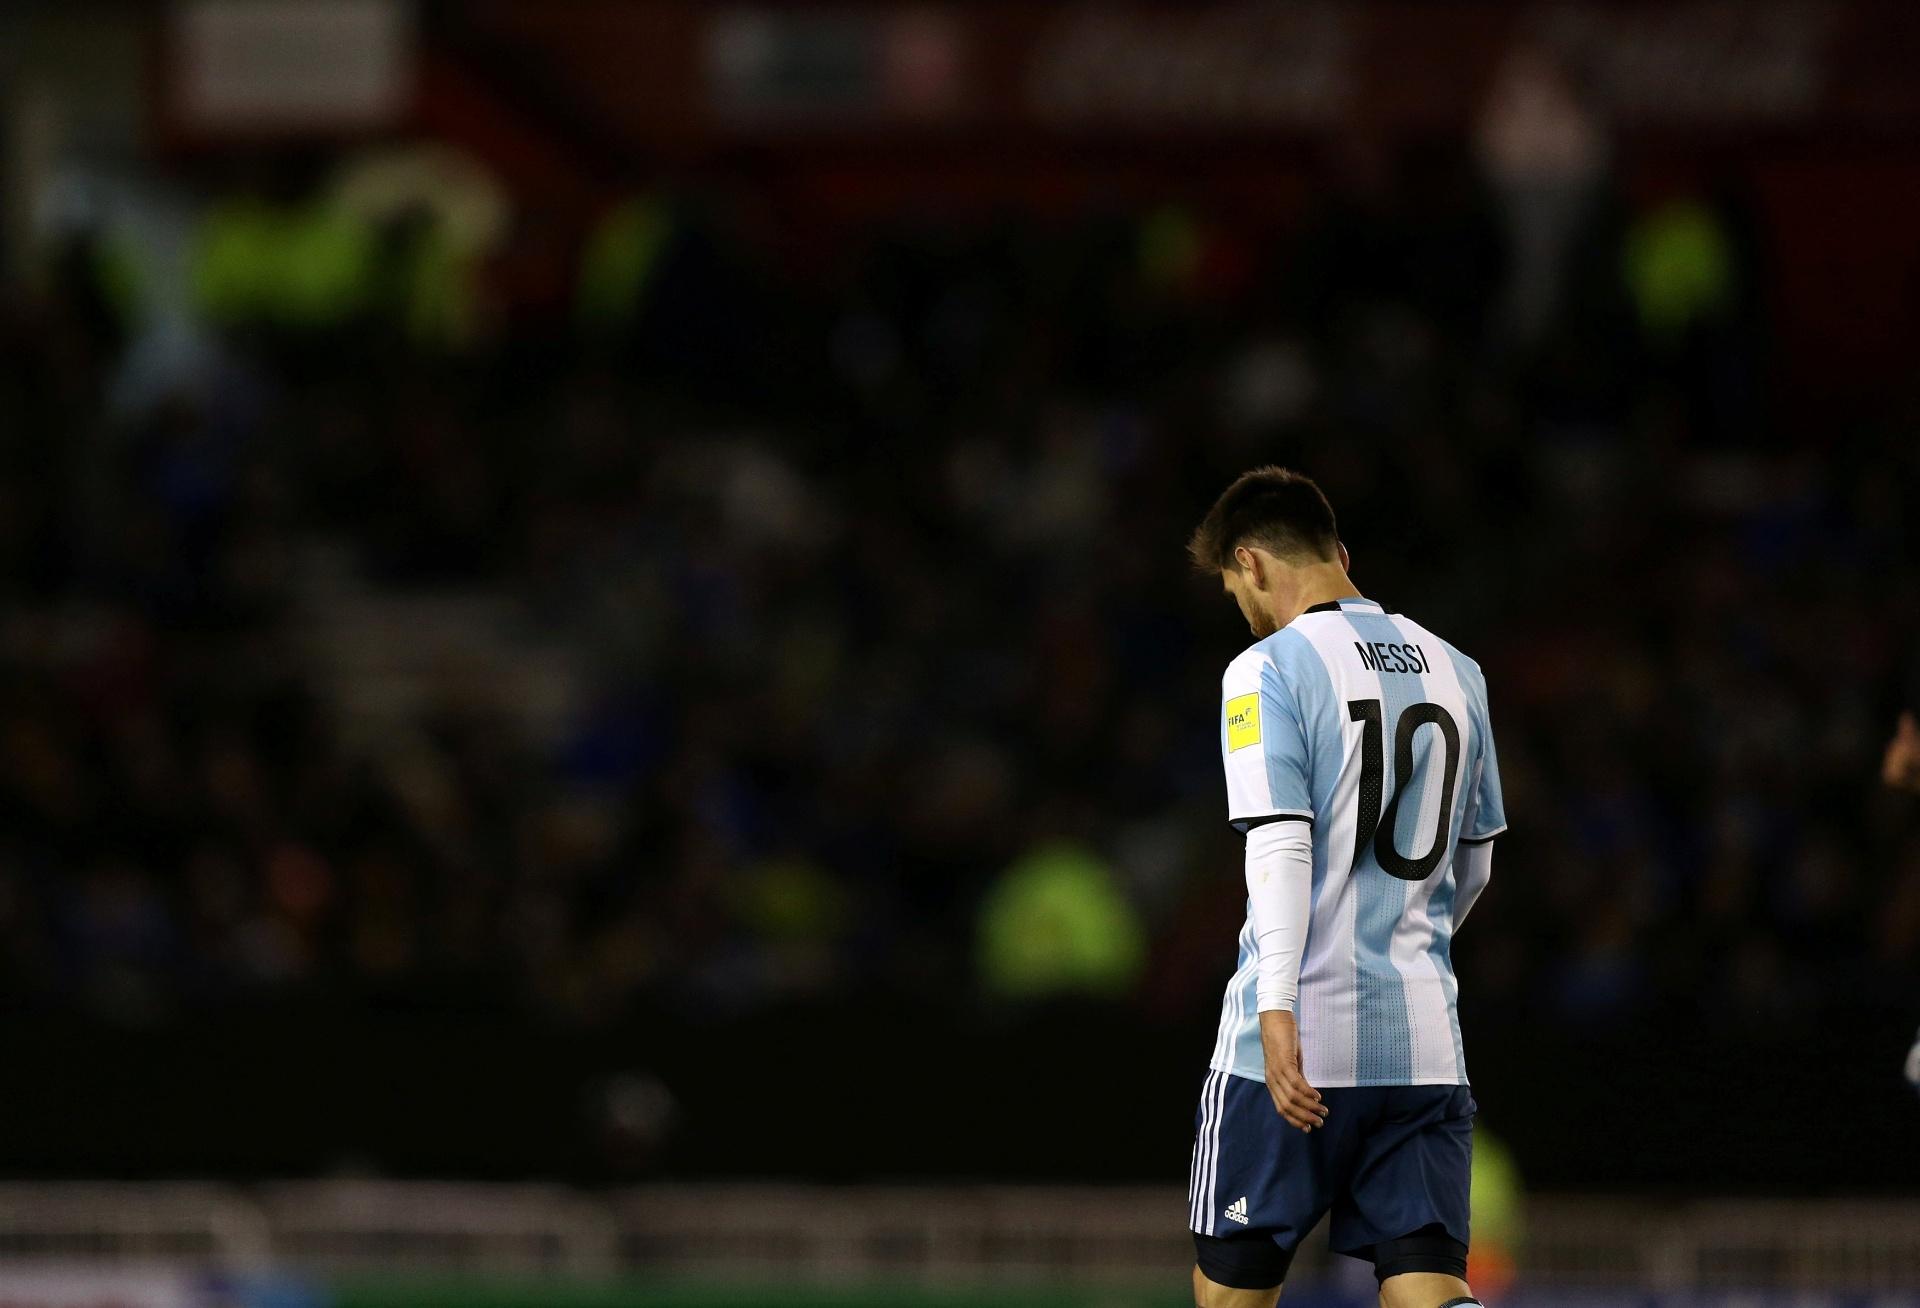 Argentina e Holanda encabeçam lista de grandes que podem ficar fora da Copa  - 05 10 2017 - UOL Esporte 34c1529156d32